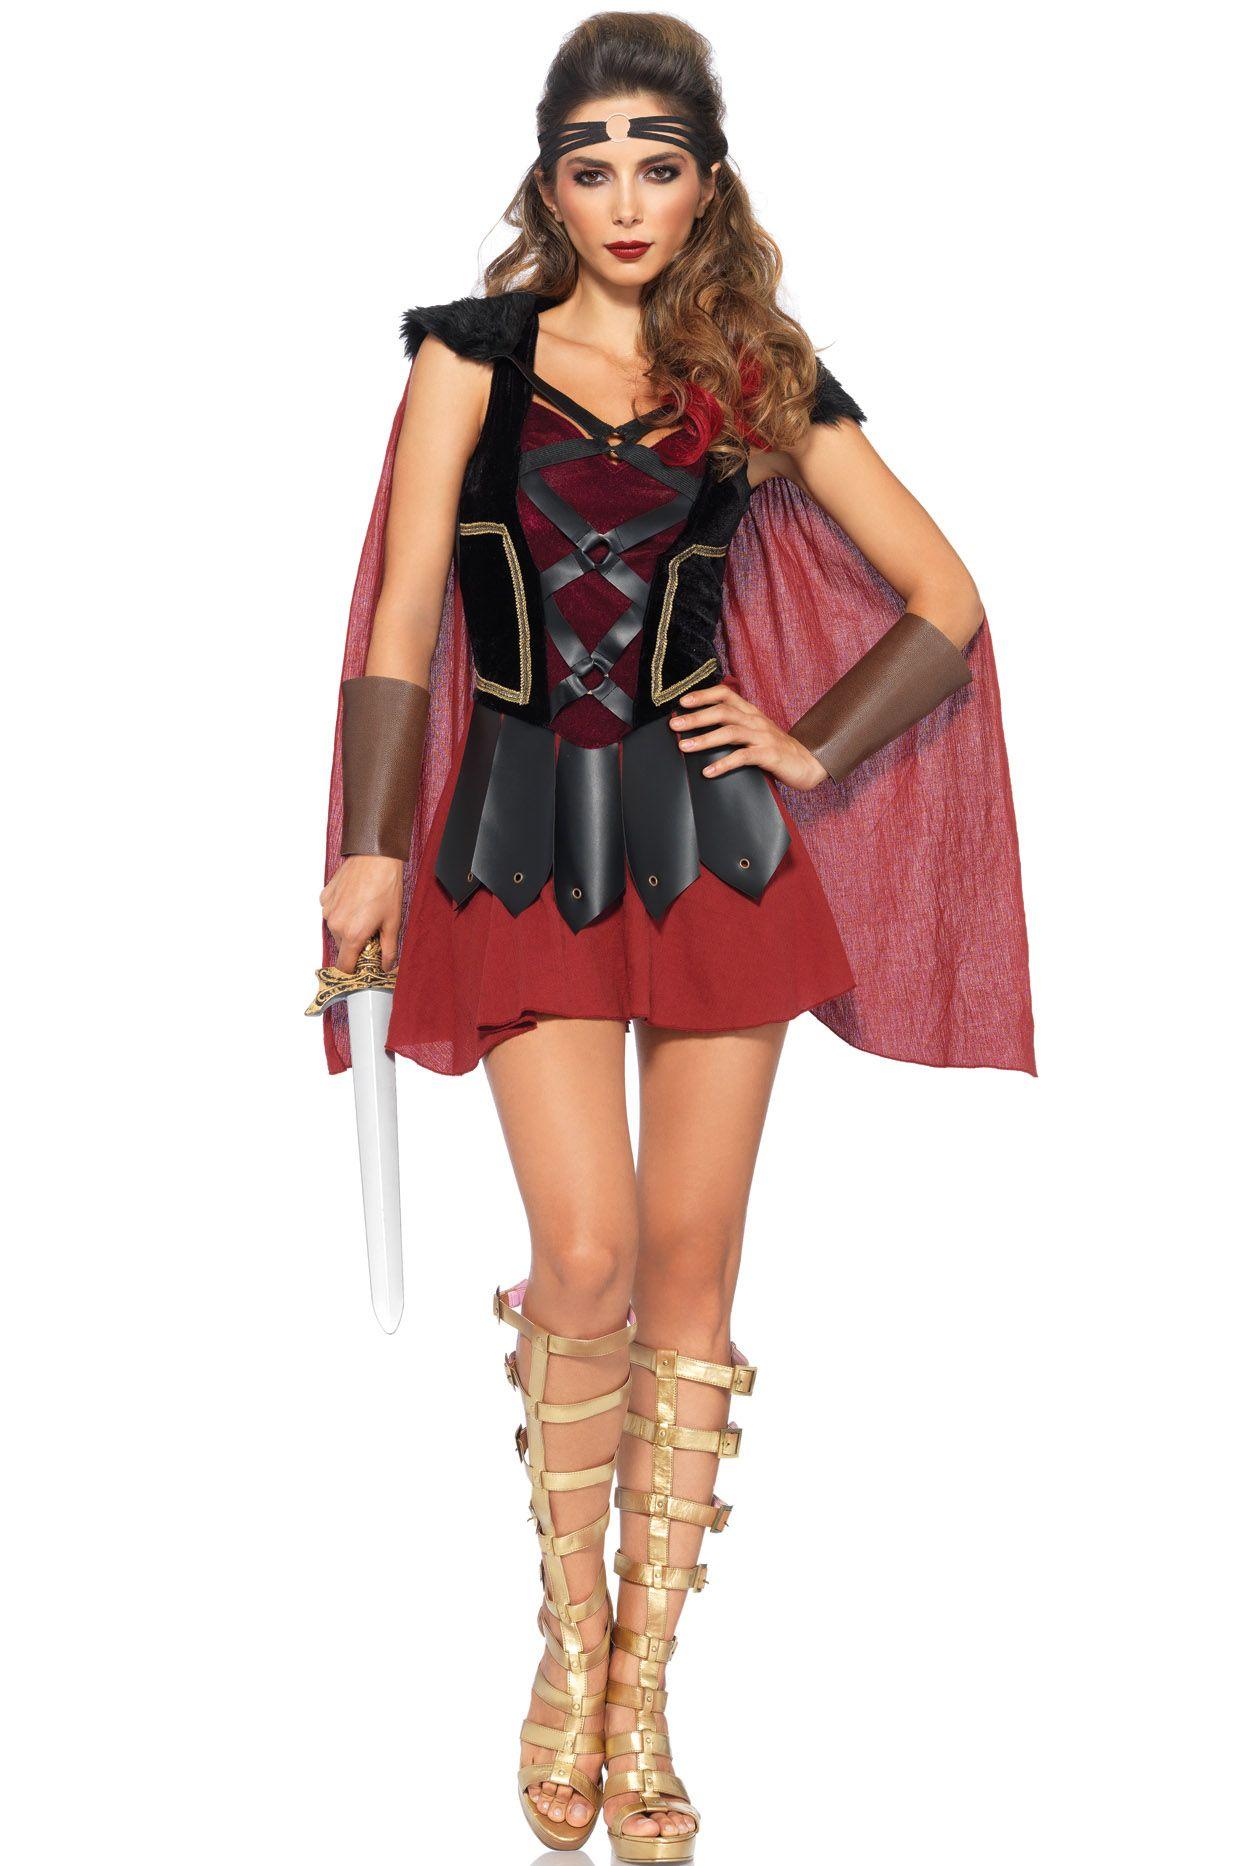 Trojan Warrior Costume  sc 1 st  Pinterest & Trojan Warrior Costume | Womenu0027s Halloween Costumes at LD ...